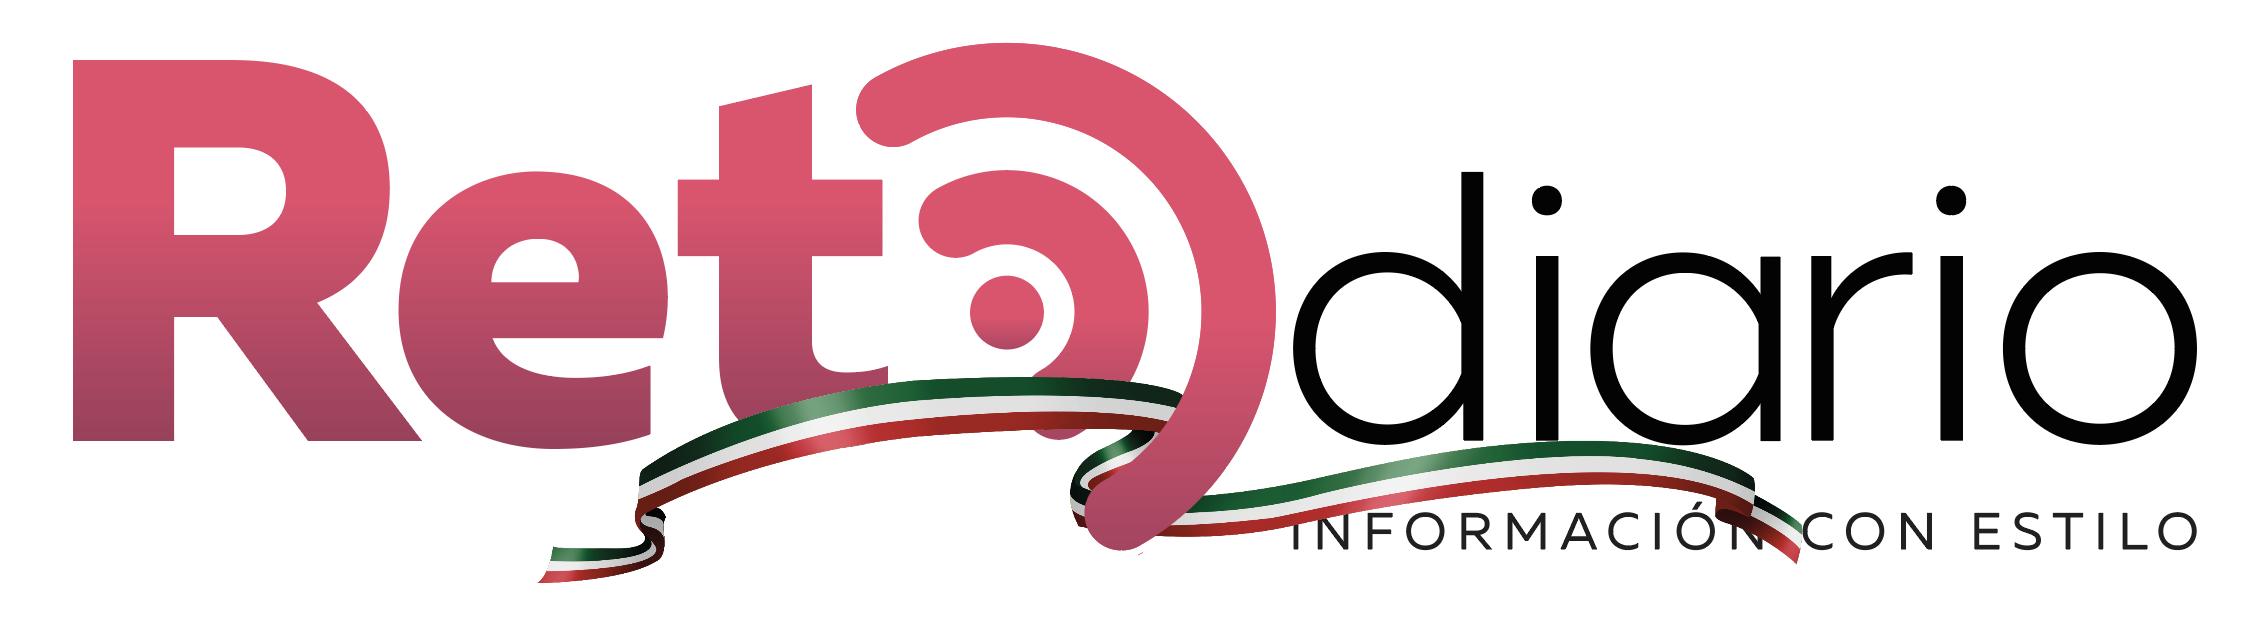 Reto Diario Logo